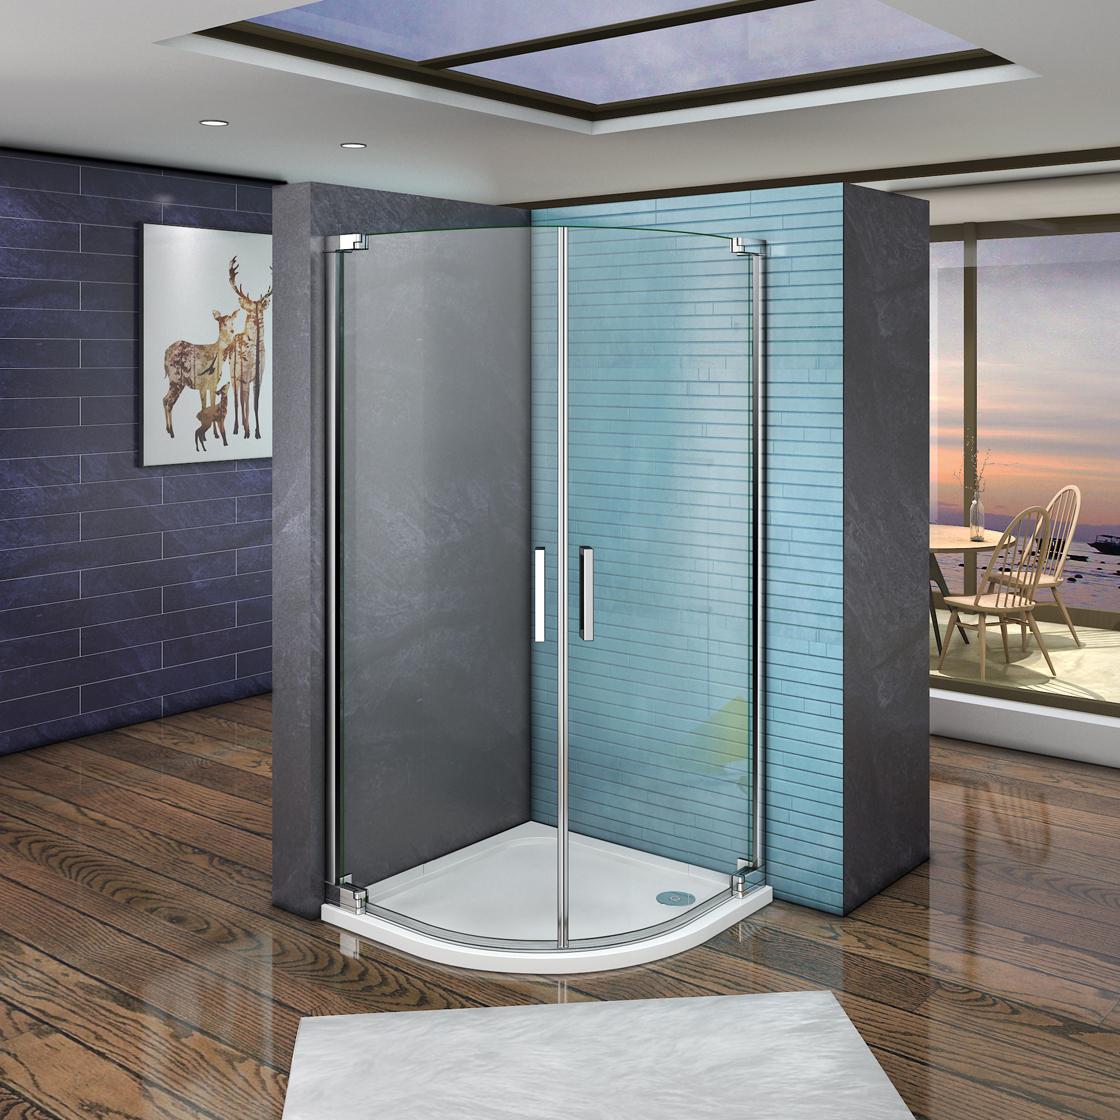 viertelkreis duschkabine duschabtrennung runddusche duschwanne 8mm echtglas ph ebay. Black Bedroom Furniture Sets. Home Design Ideas